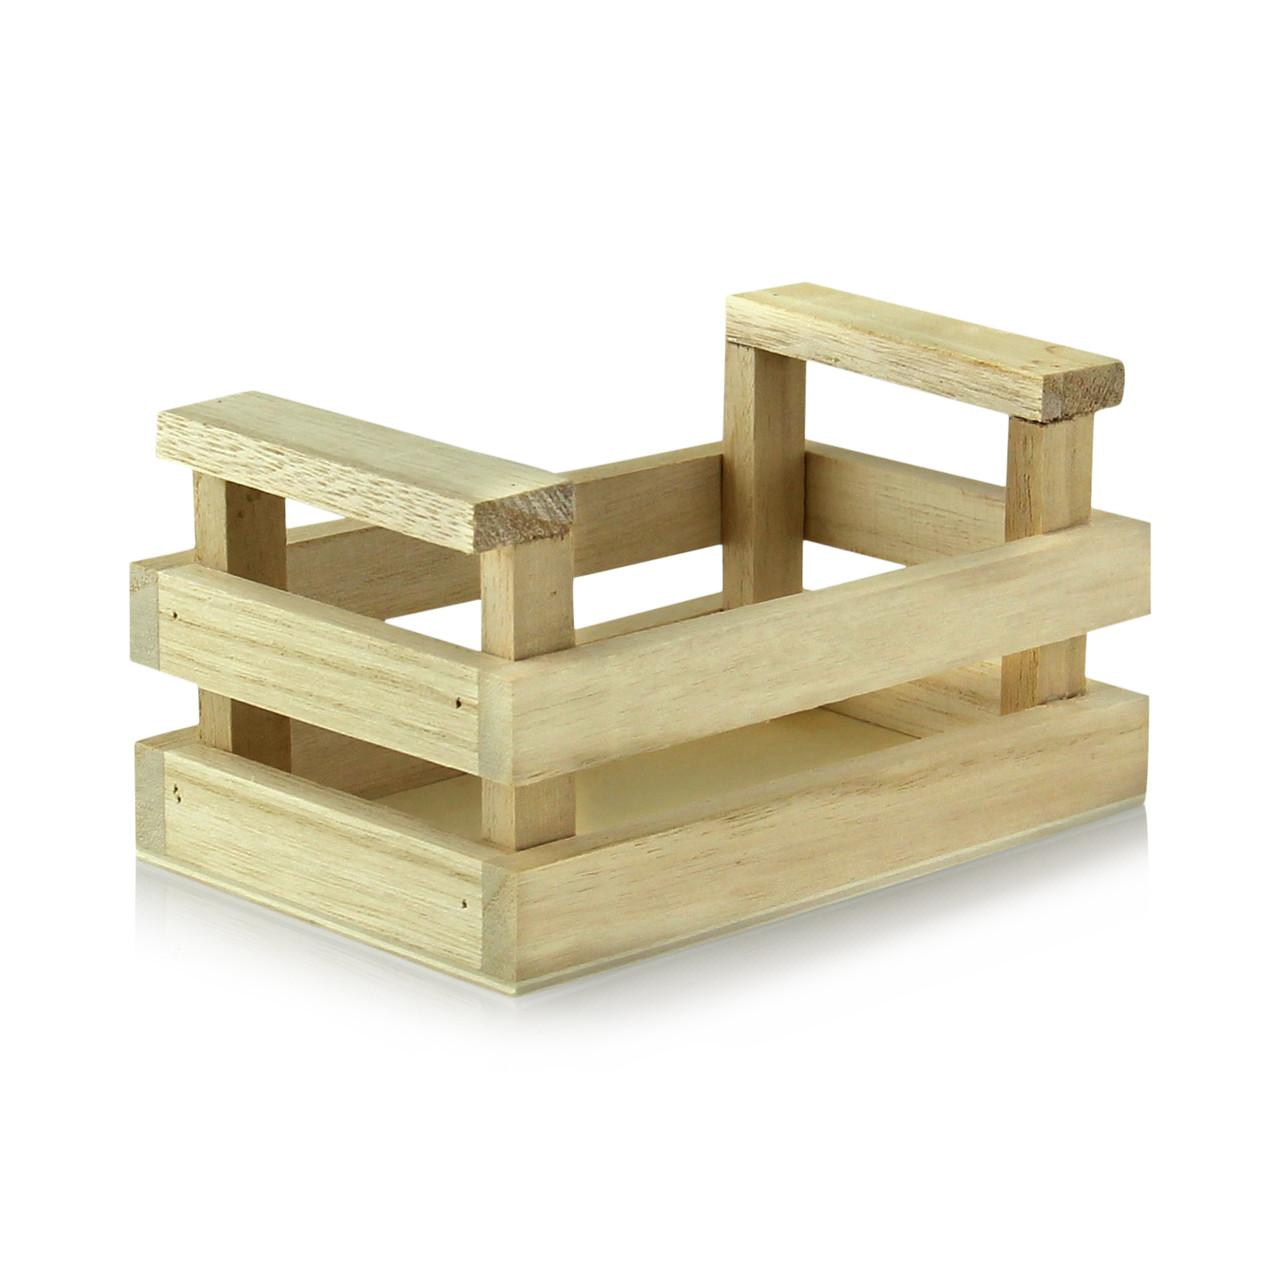 Wood Crate - L:5.25 x W:3.3 x H:2.8in